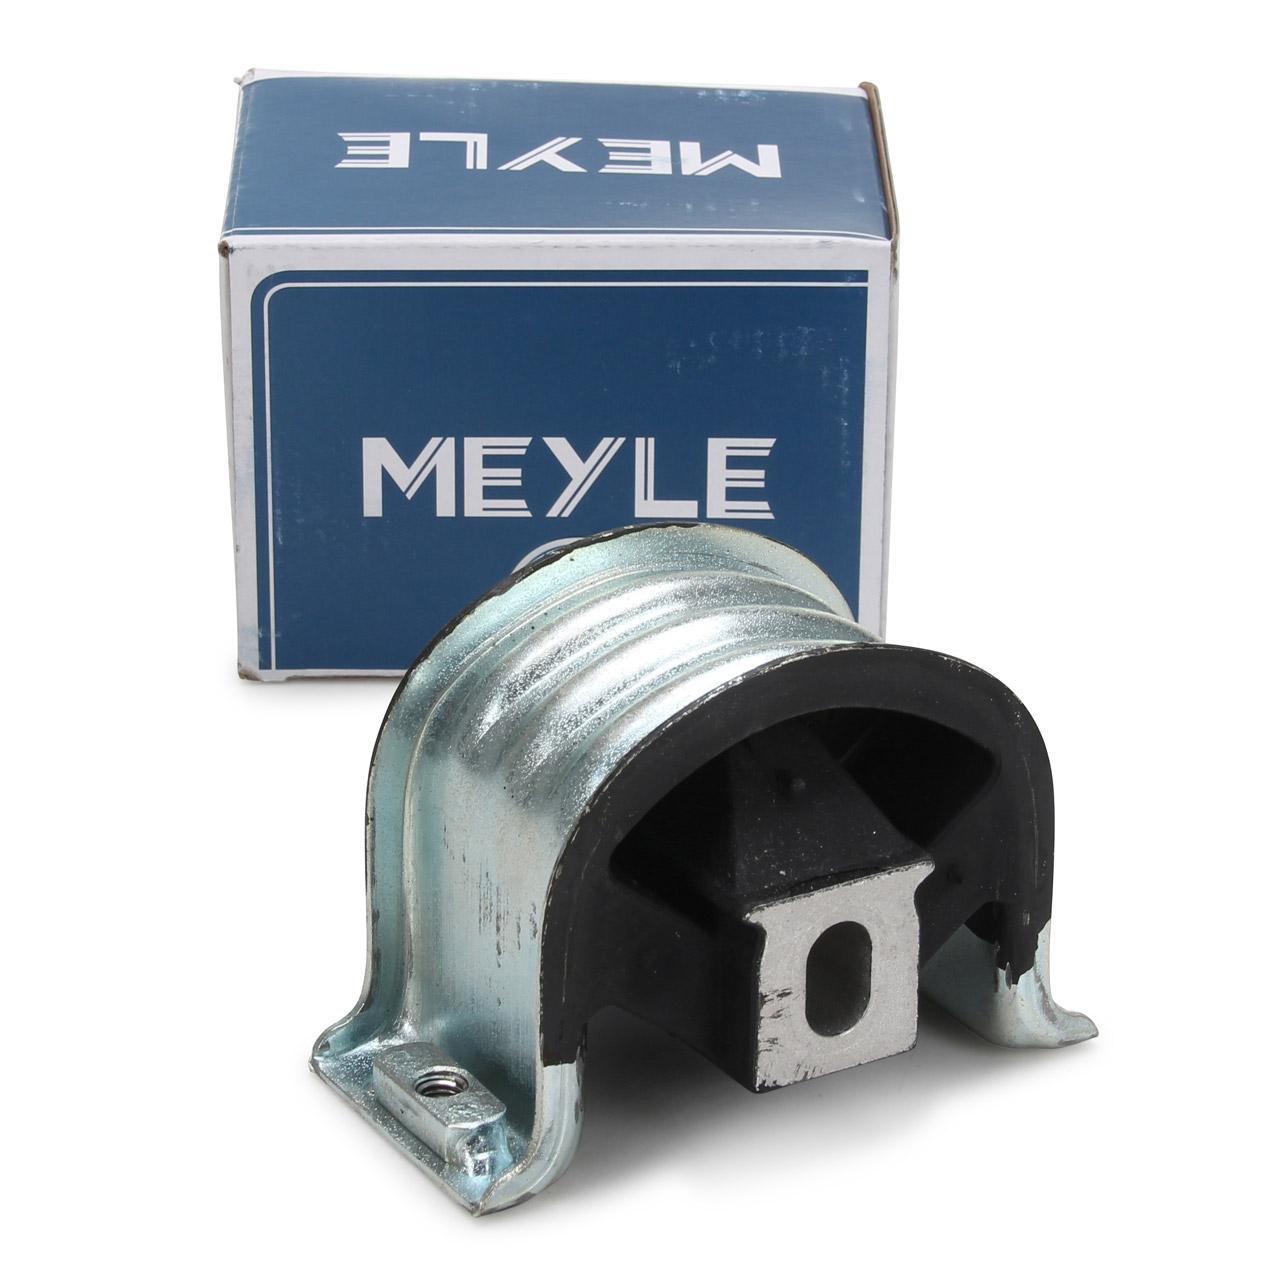 MEYLE 1001990144 Motolager VW Multivan/Transporter T5 T6 2.0 TSI/TDI vorne 7H0199848D